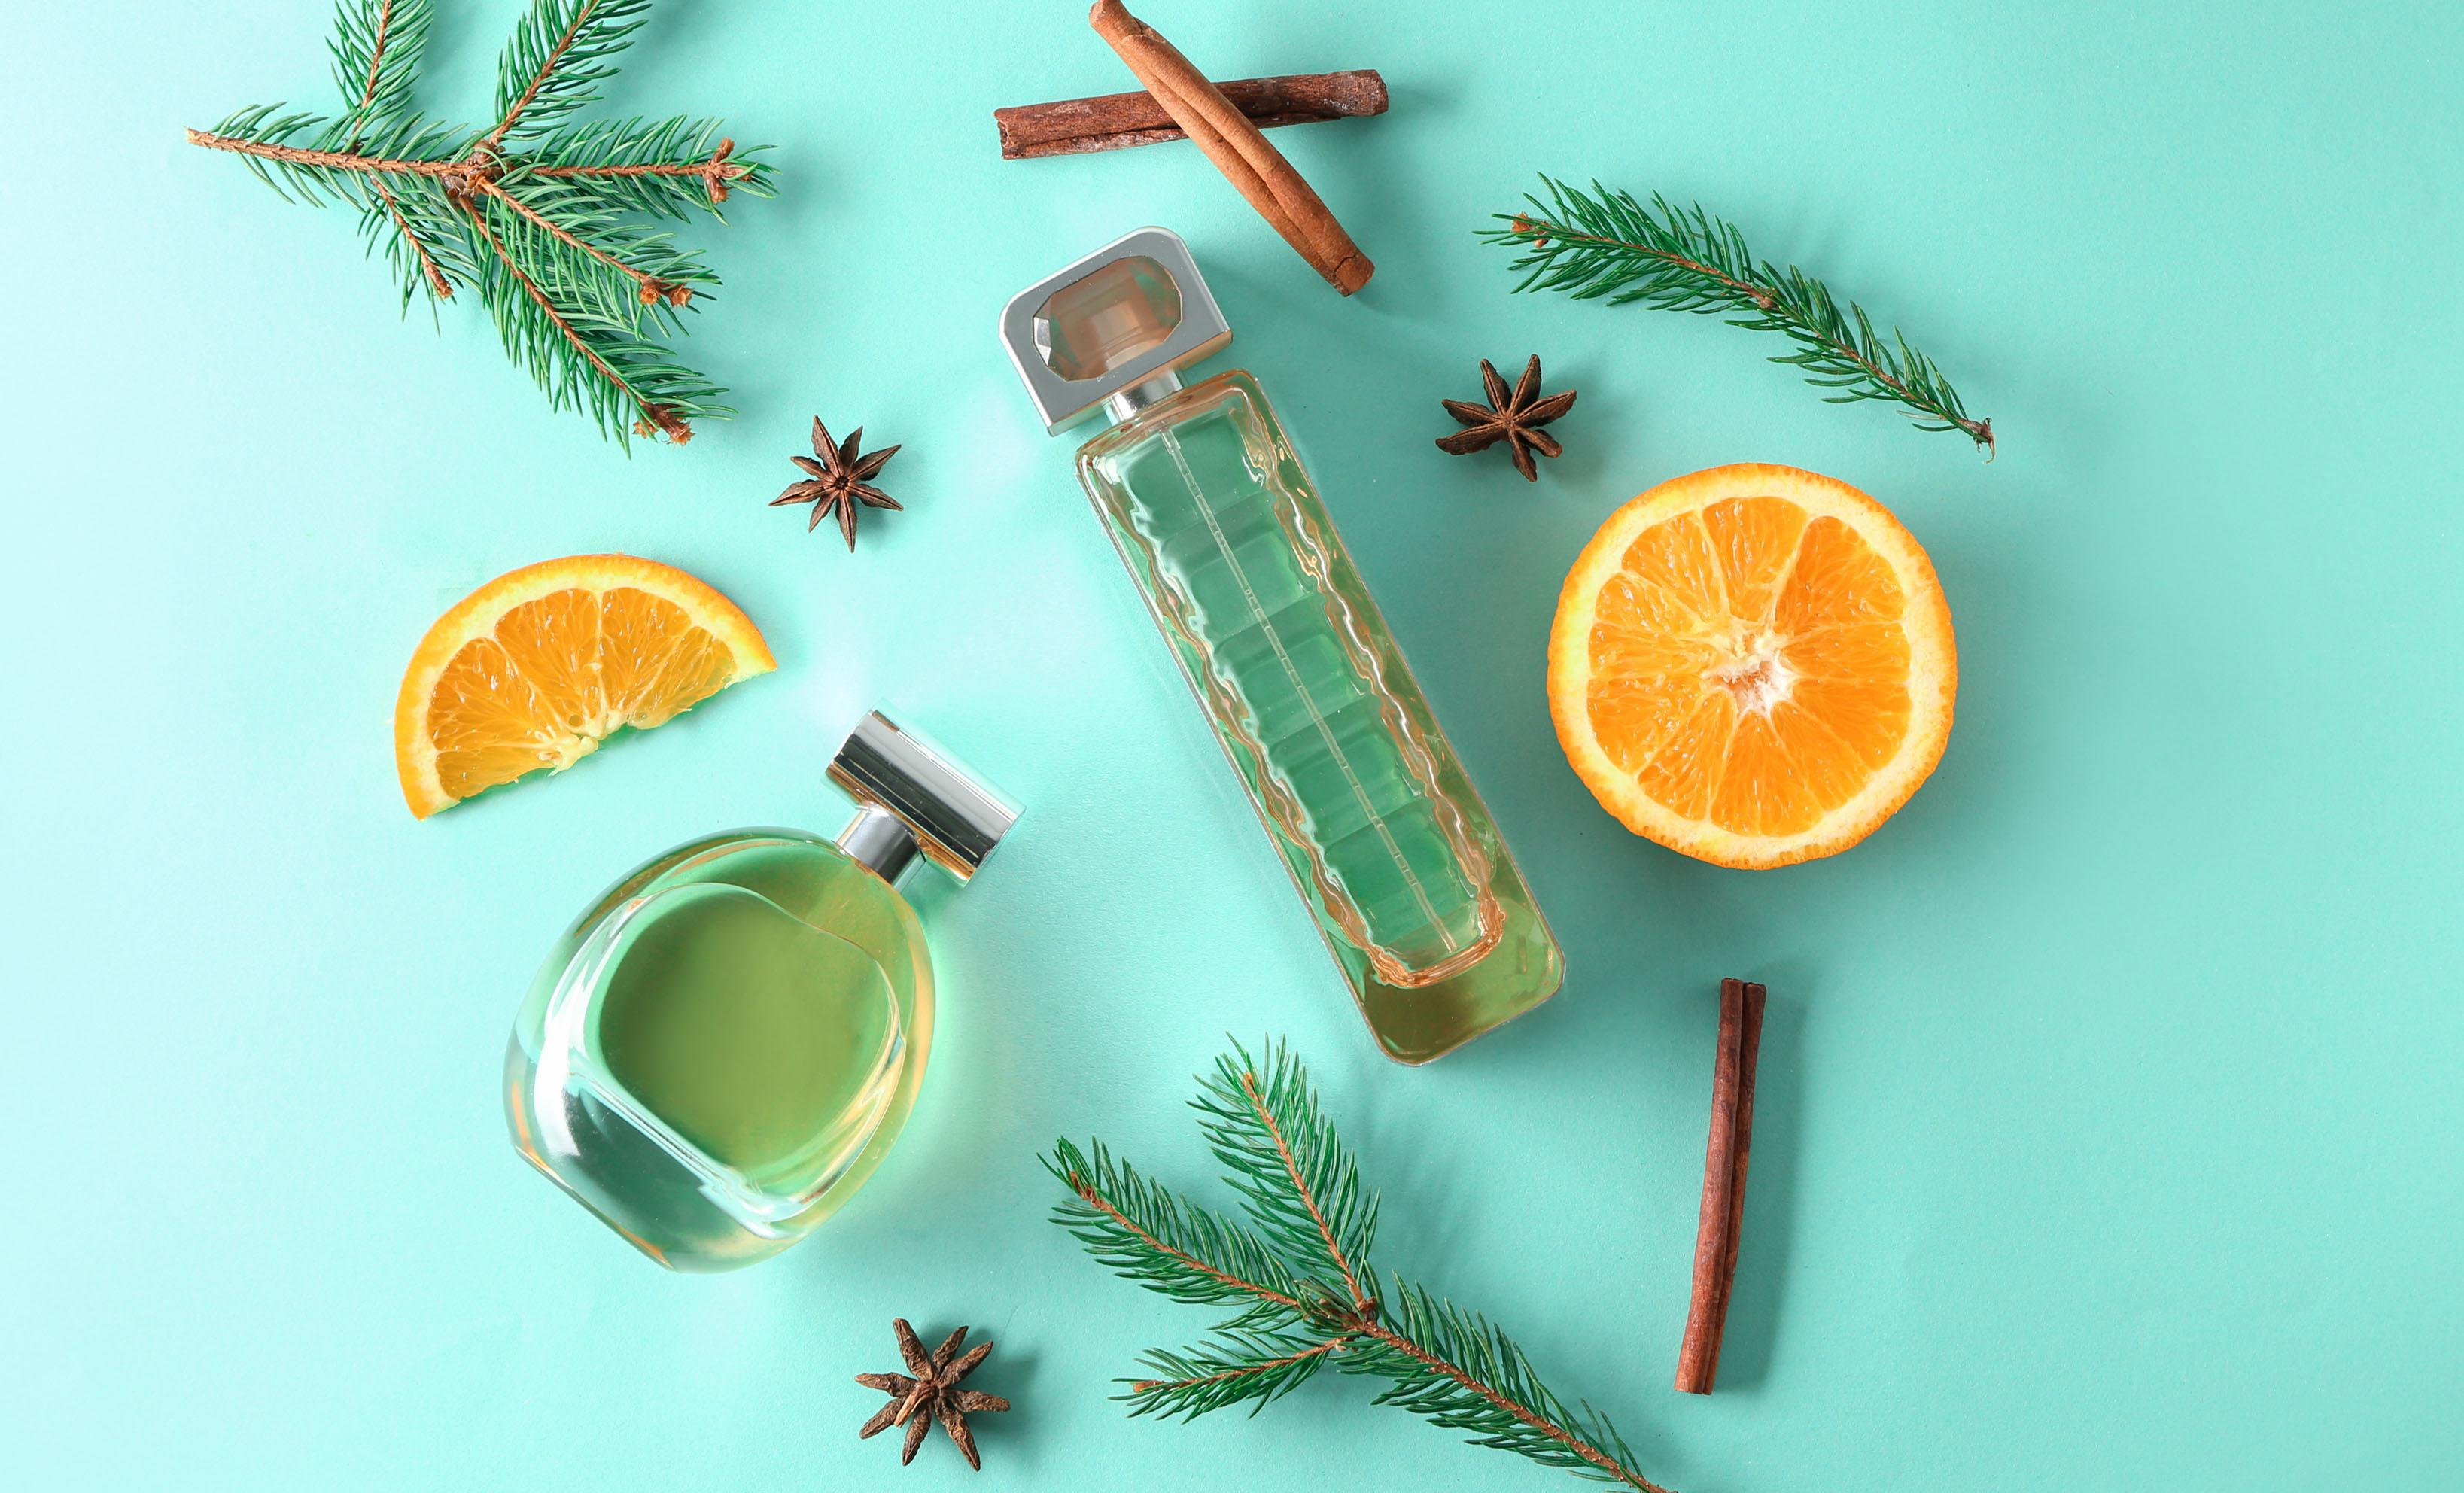 Nuty drzewno-przyprawowe w perfumach